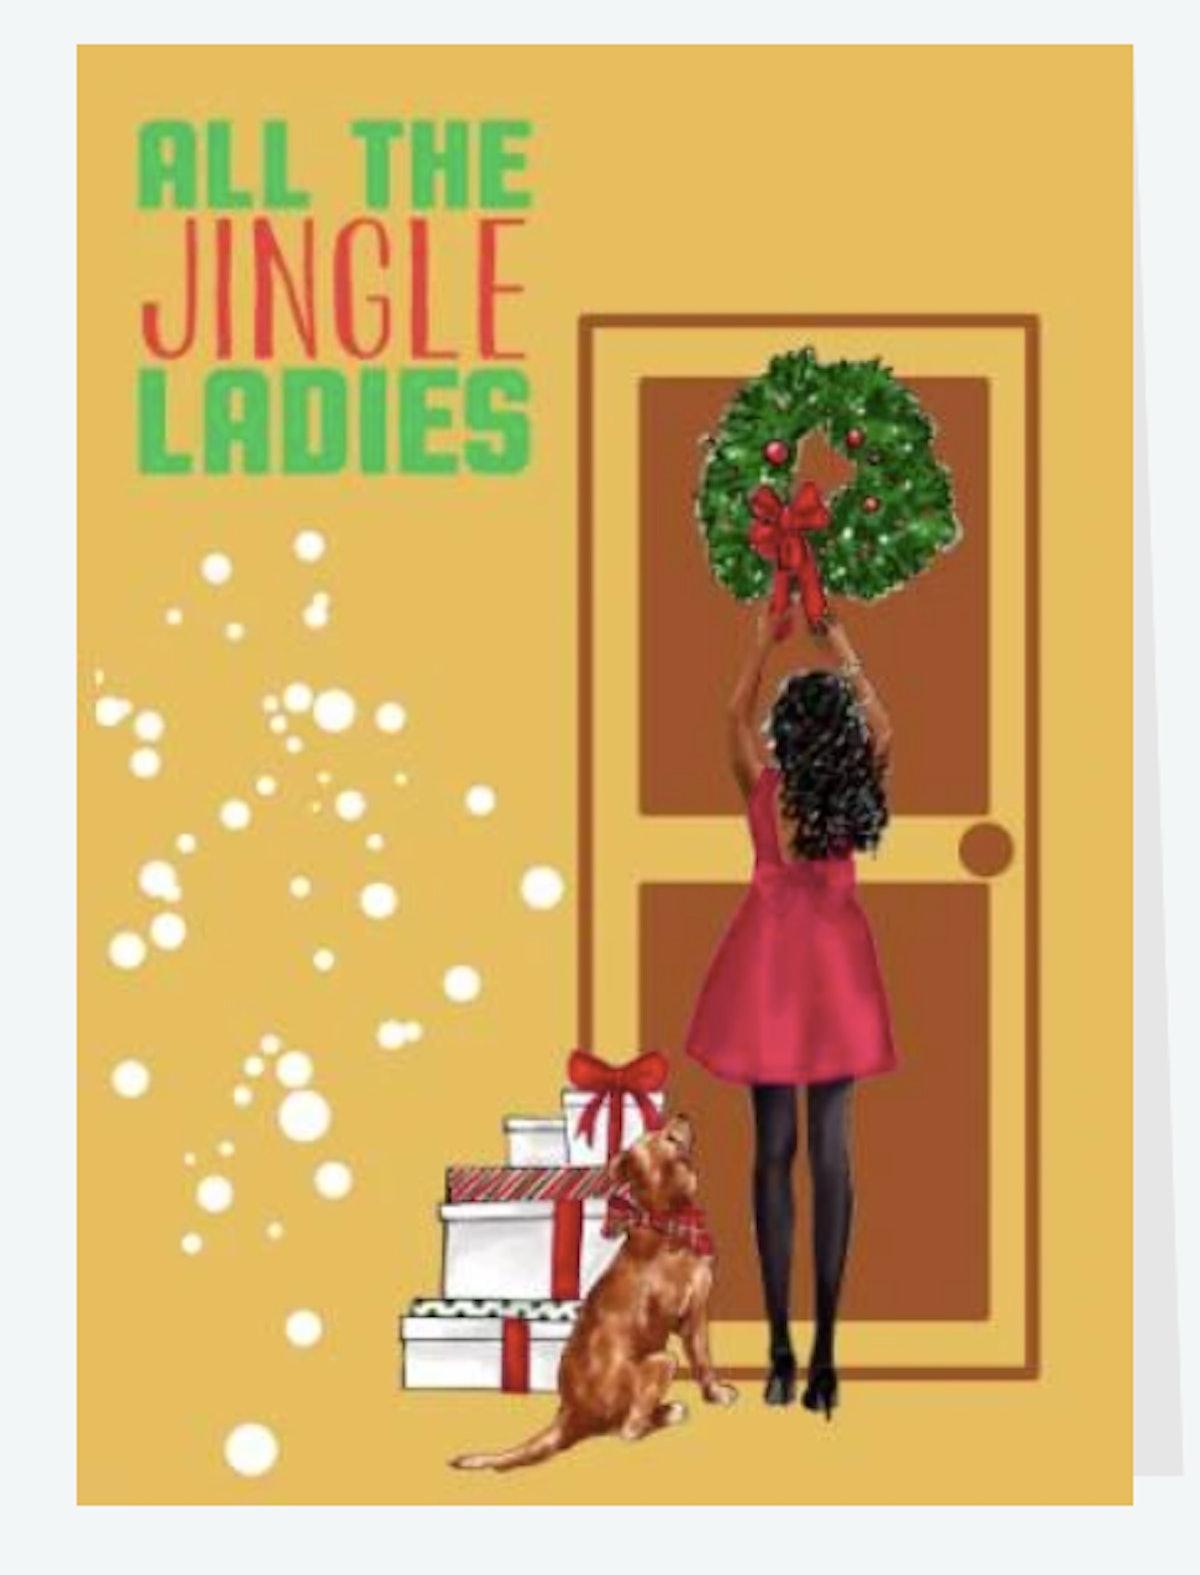 Jingle Ladies by Culture Greetings